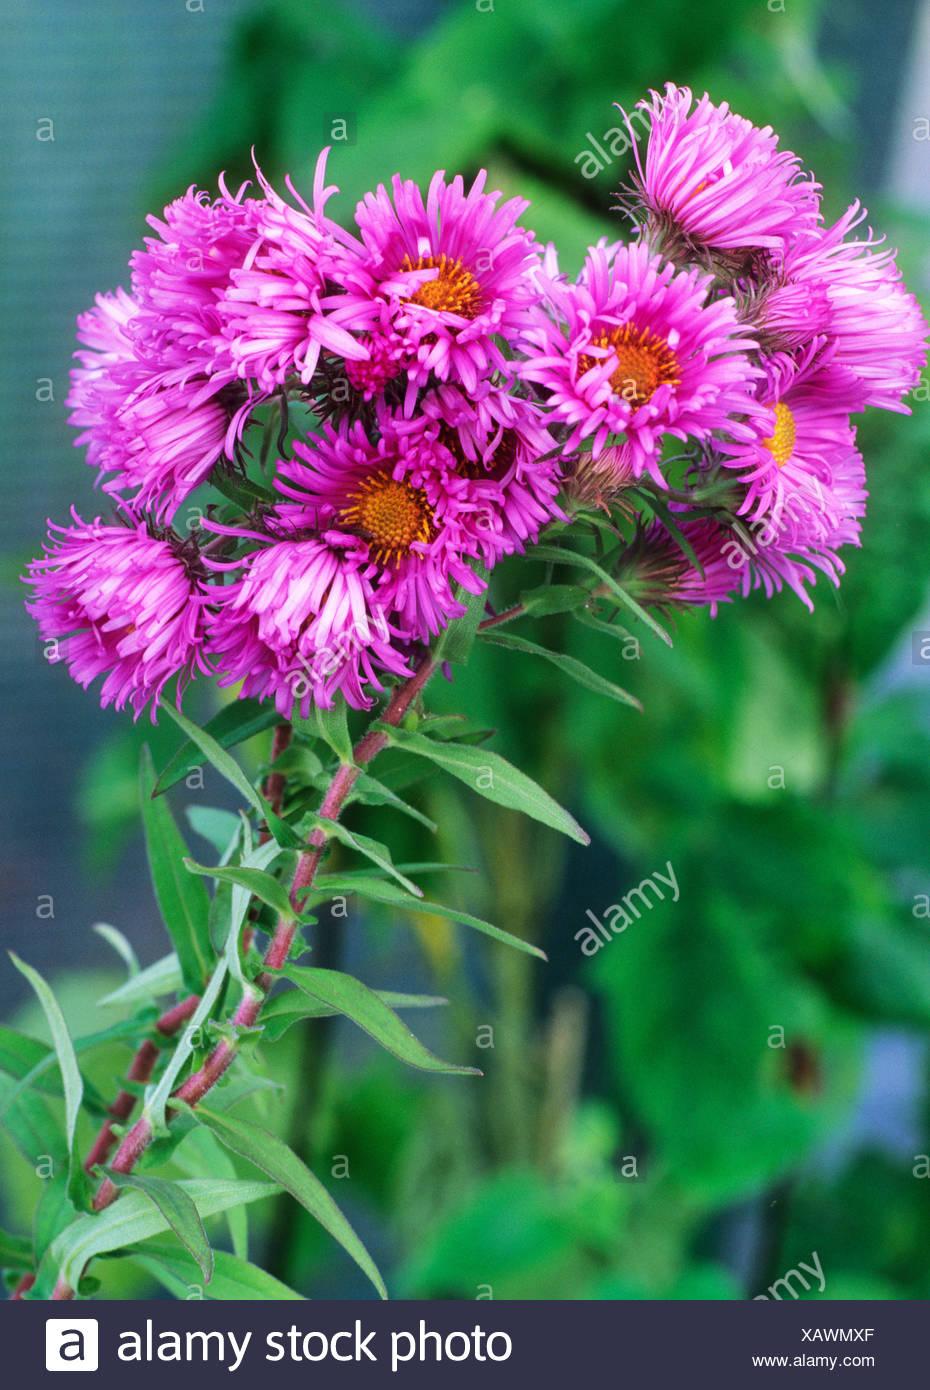 Aster Novae Angliae Barr Rosa Fiori Piante Da Giardino Autunnale Di